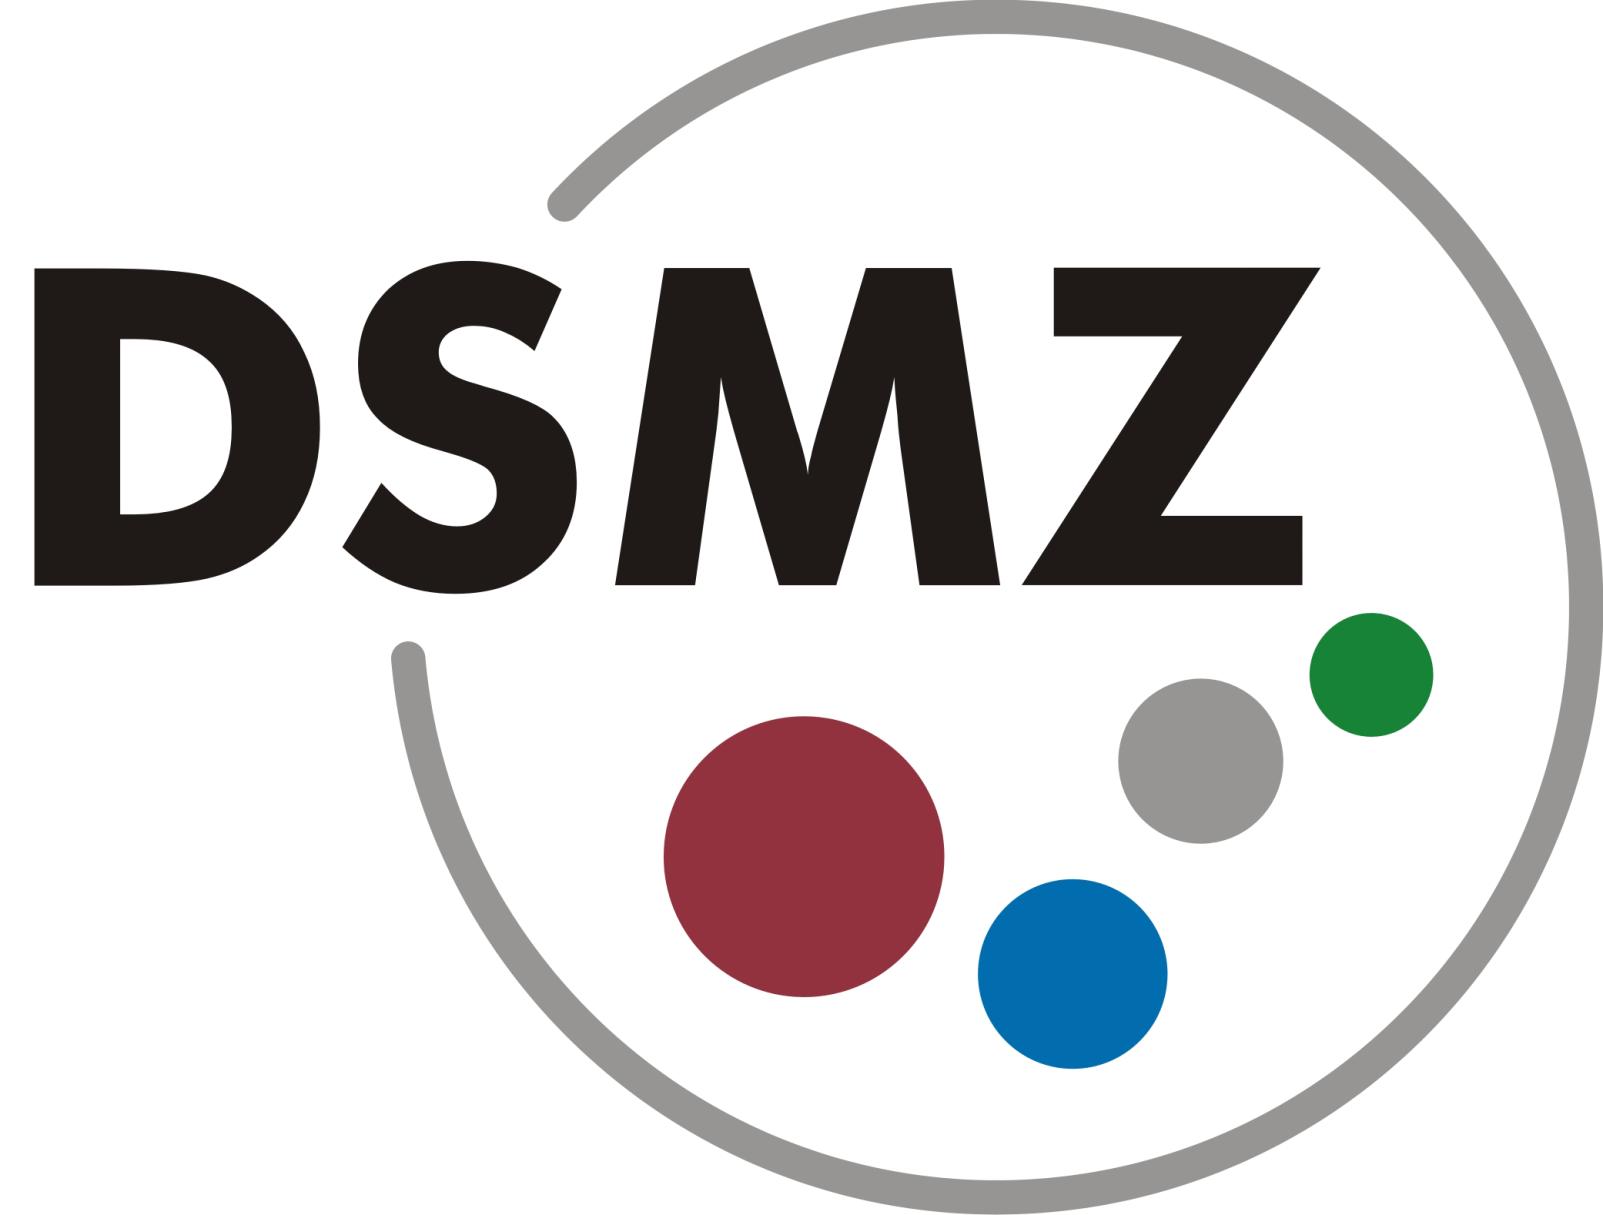 Leibniz-Institut DSMZ - Deutsche Sammlung von Mikroorganismen und Zellkulturen,